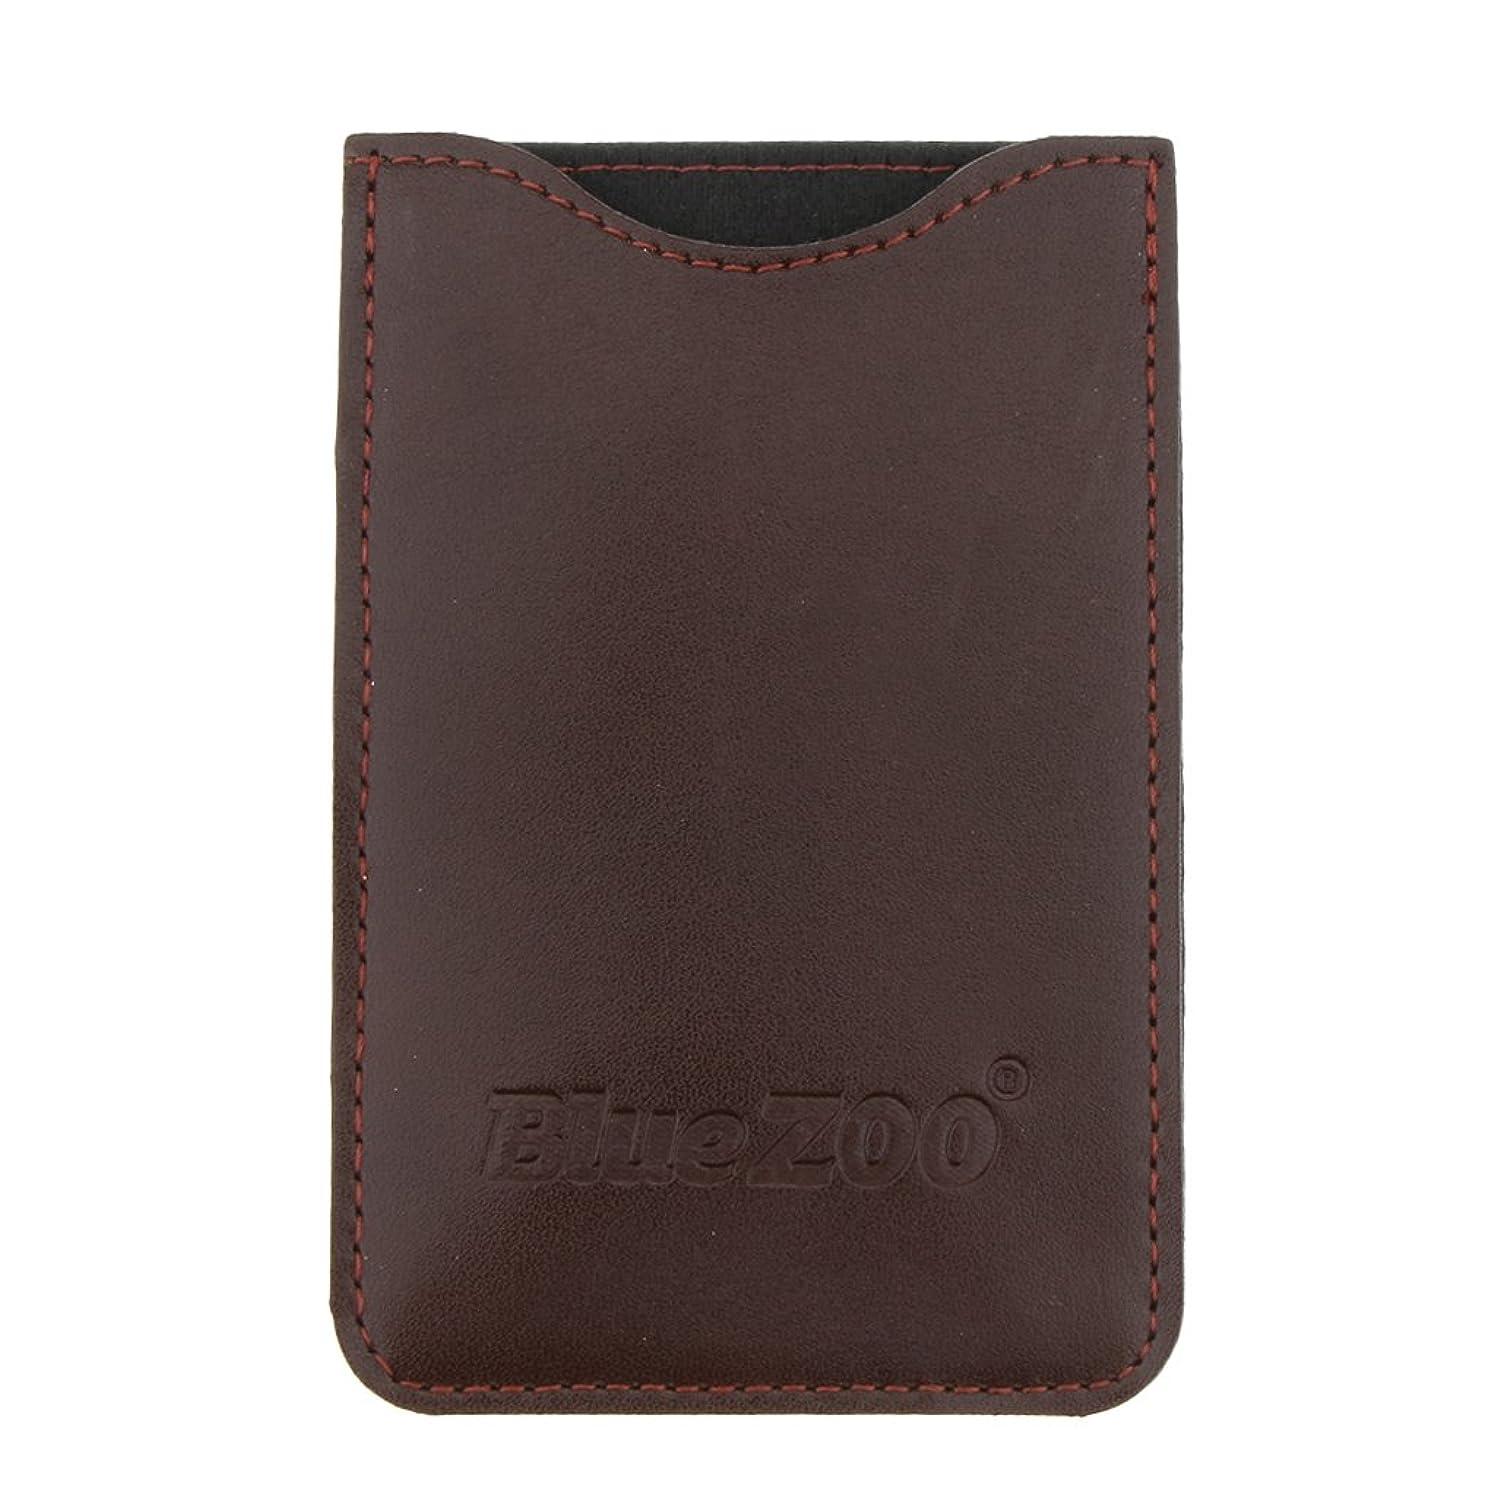 帽子雄弁家錫木製のポケットヒゲの櫛の保護収納ポーチ、小さな櫛PUレザーケース - 褐色